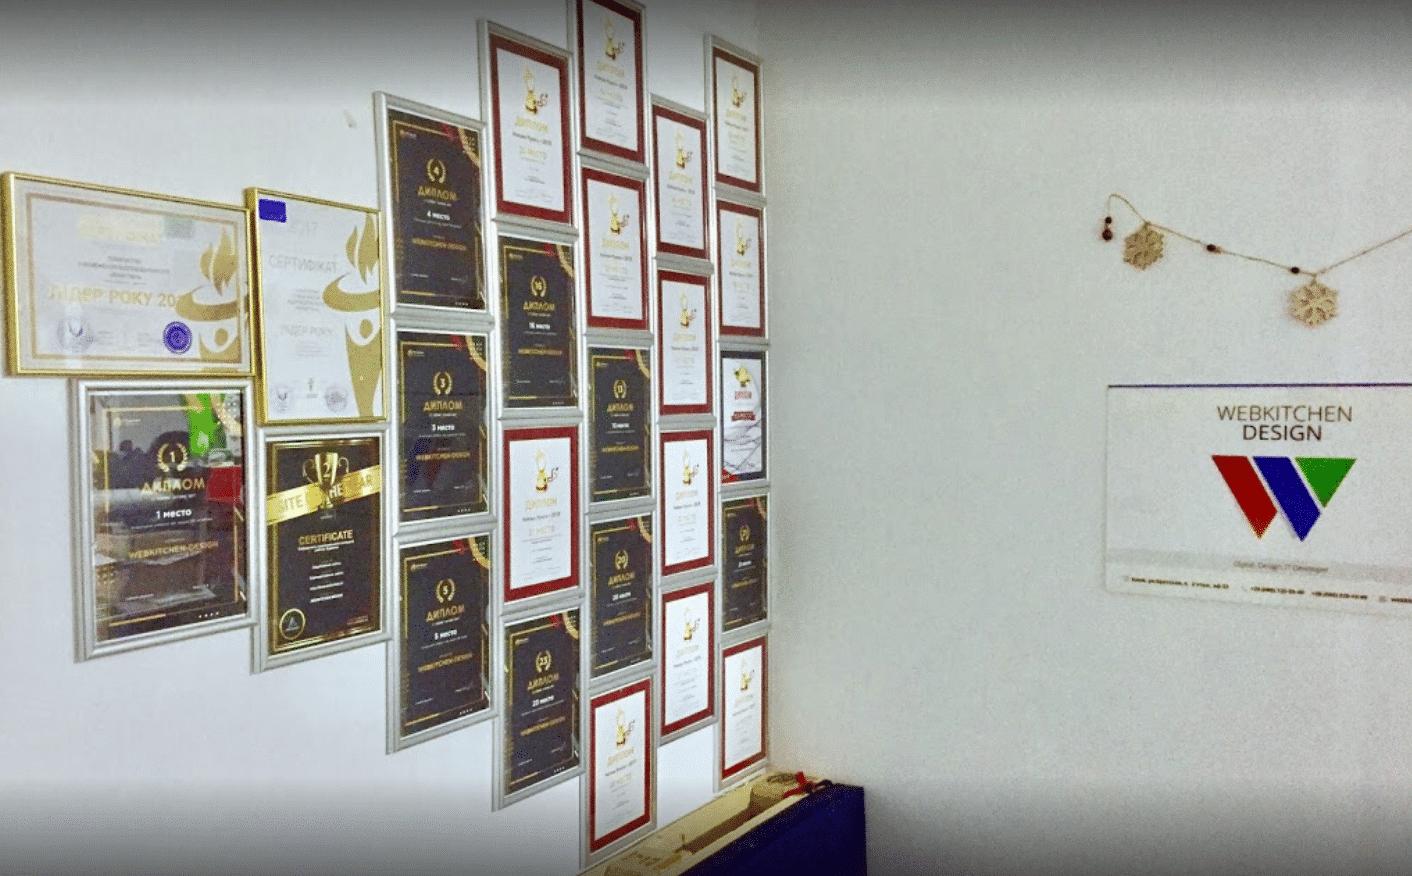 Награды Webkitchen